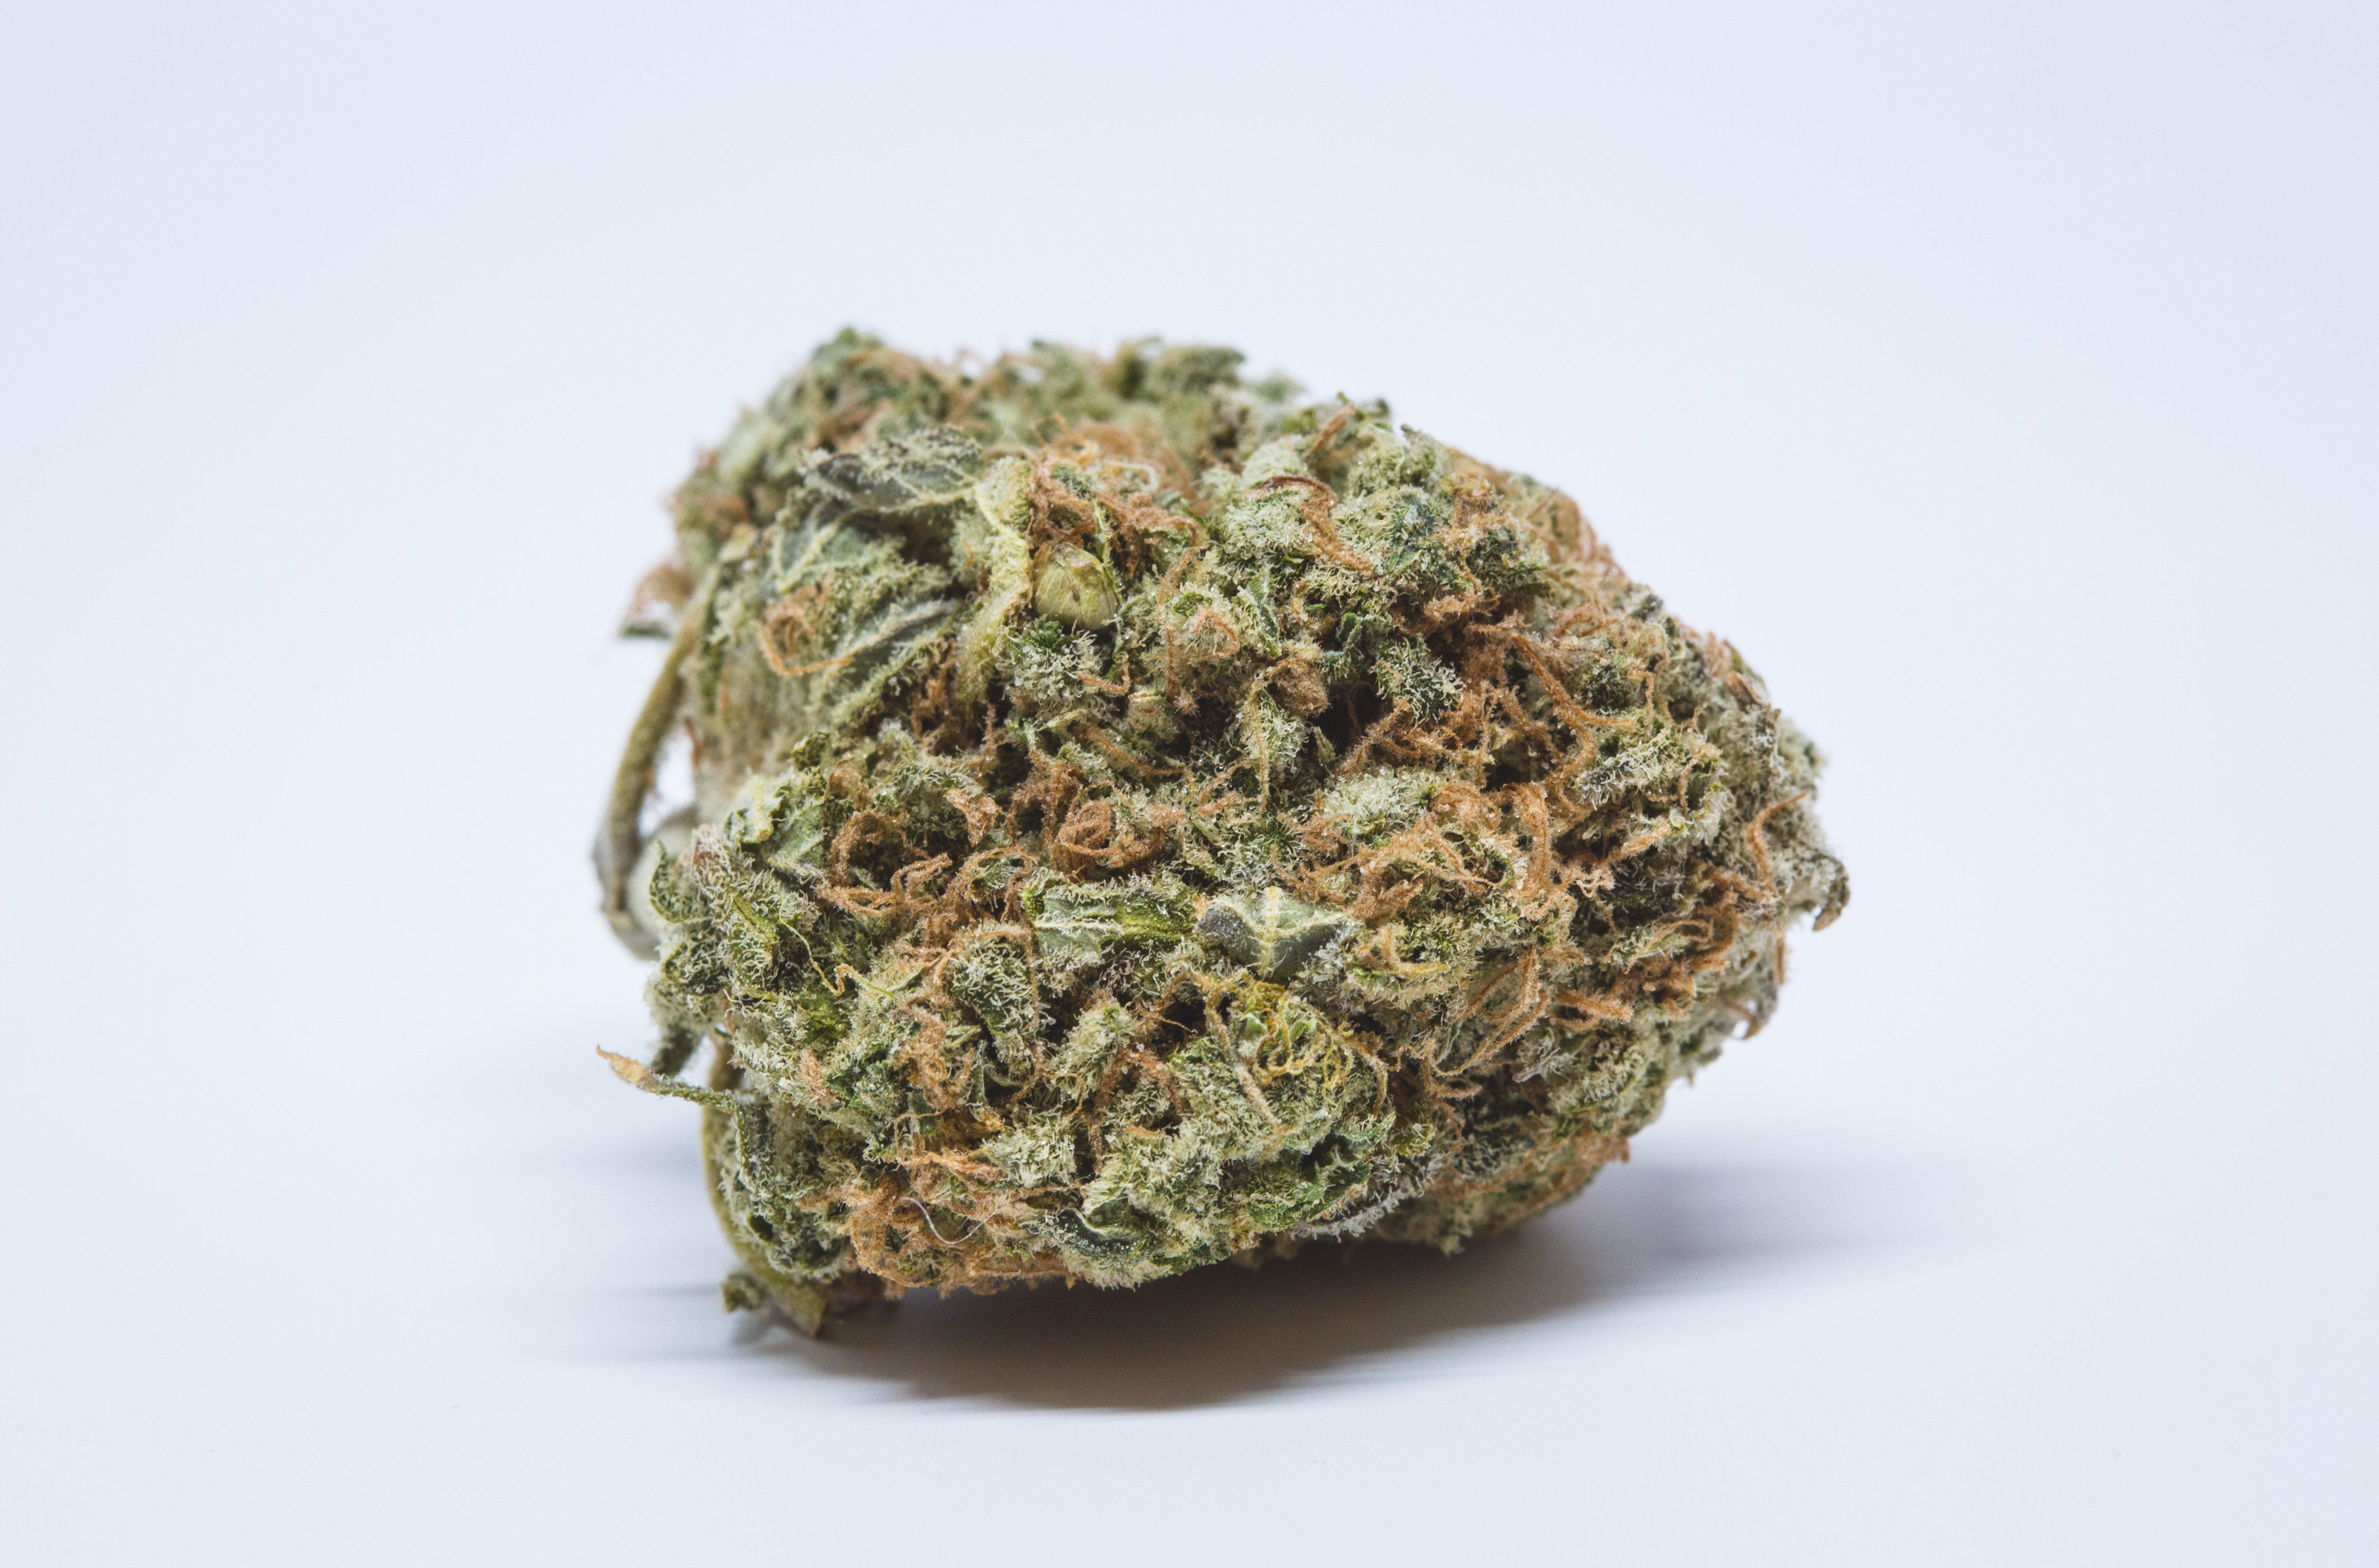 Lemon Larry OG Weed; Lemon Larry OG Cannabis Strain; Lemon Larry OG Hybrid Marijuana Strain